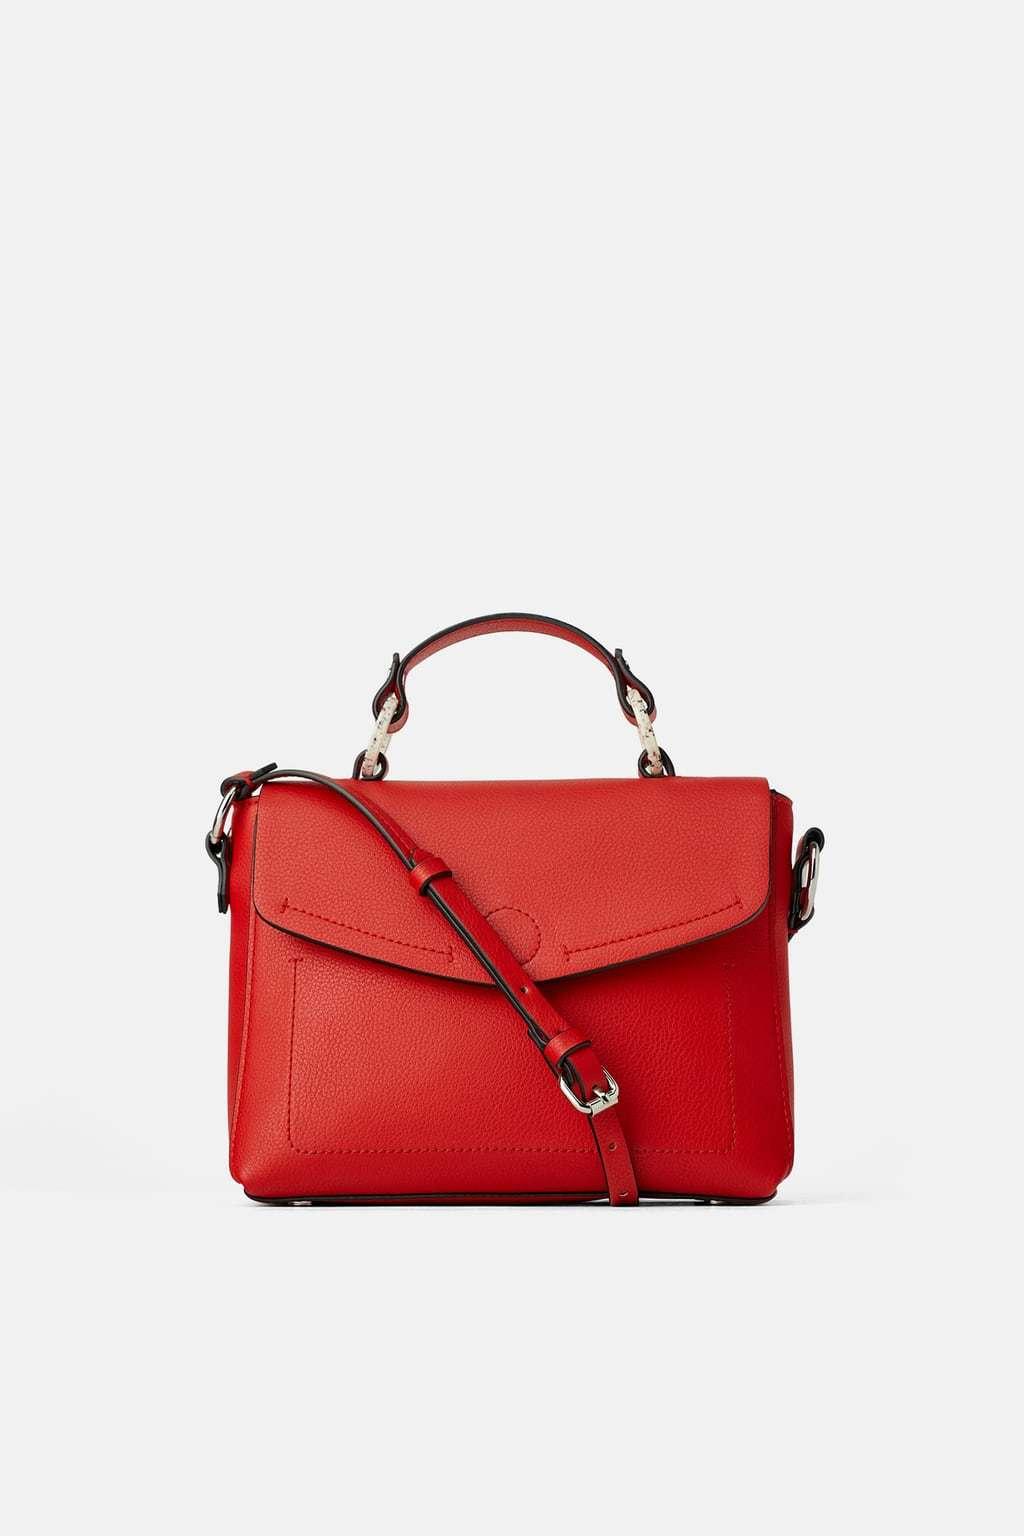 Bolso rojo de Zara